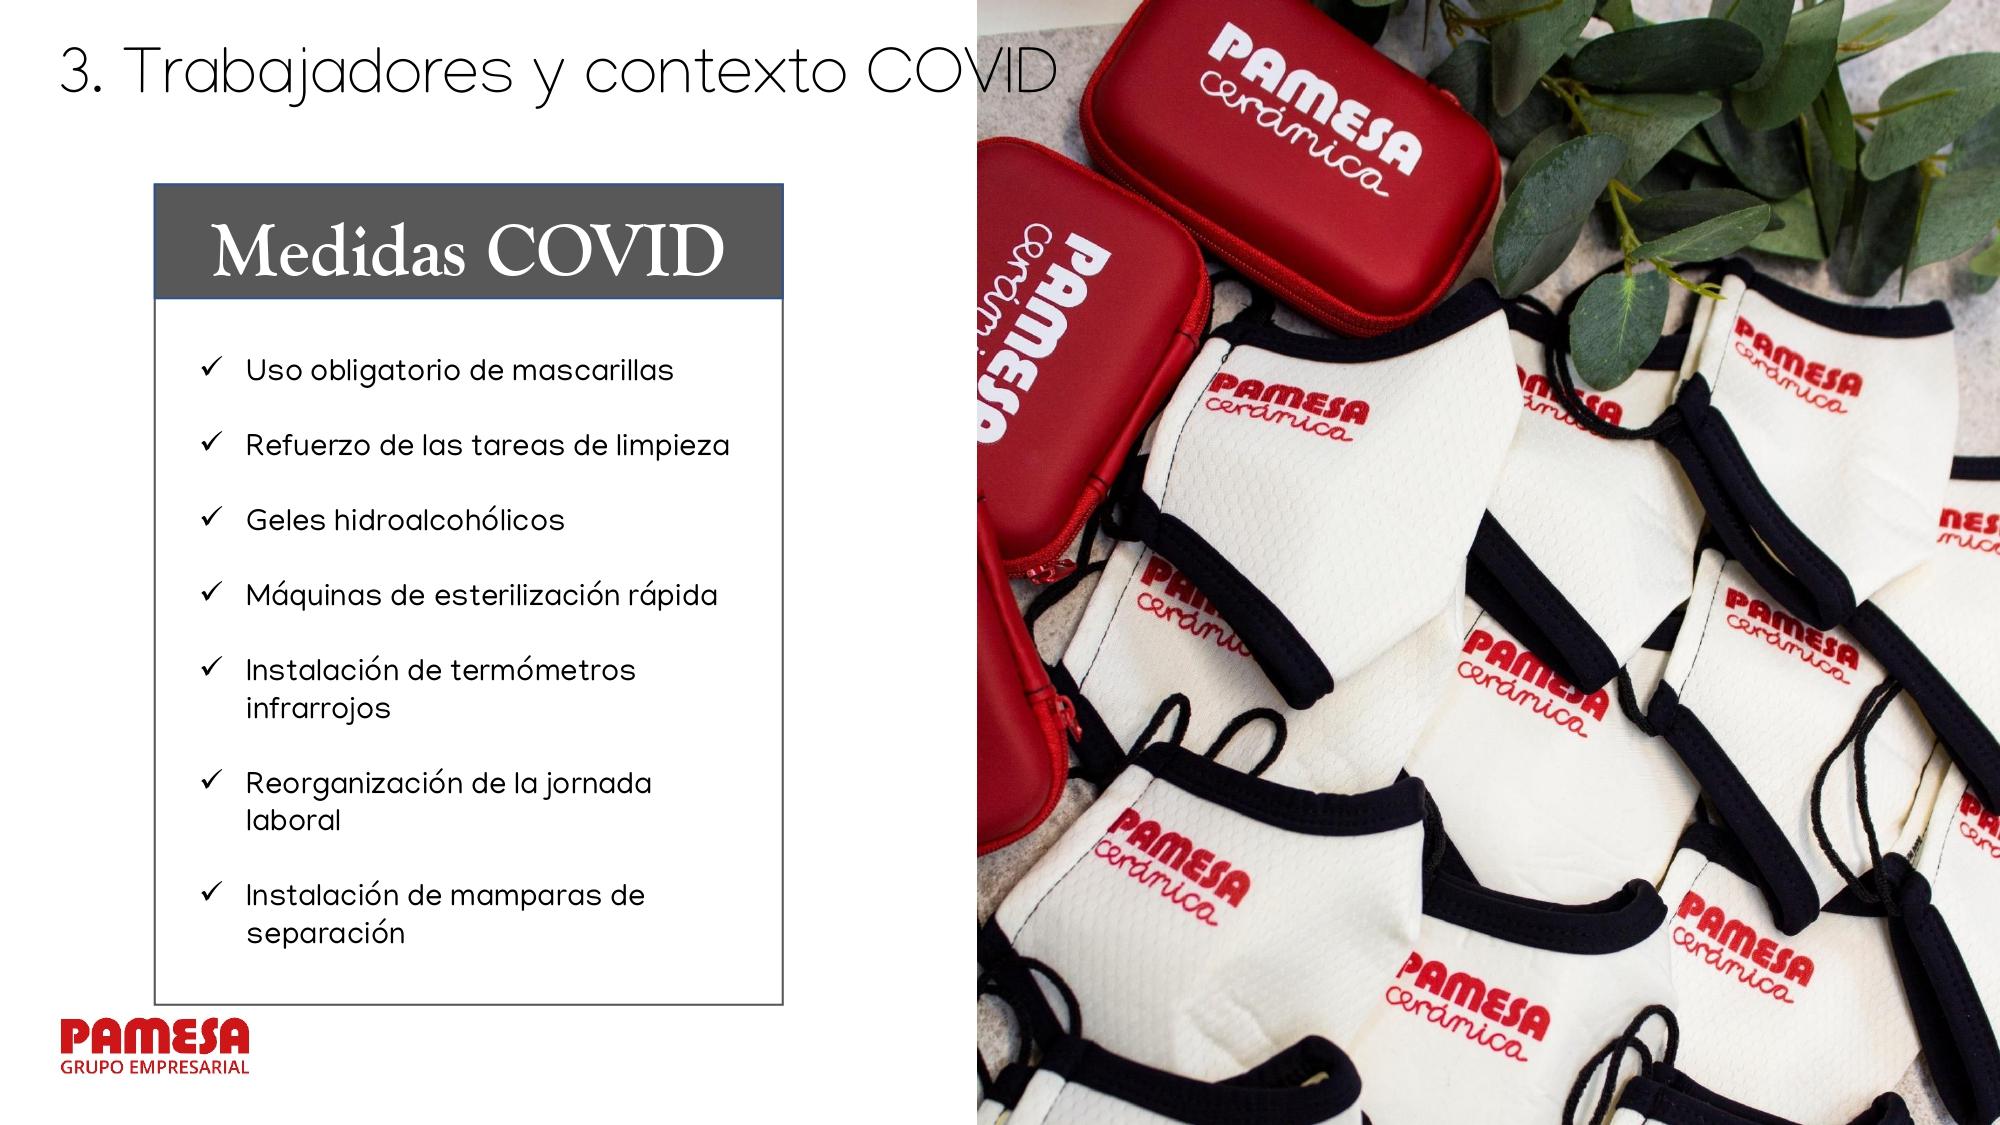 RESULTADOS_ pamesa_grupo_empresarial_page-0019